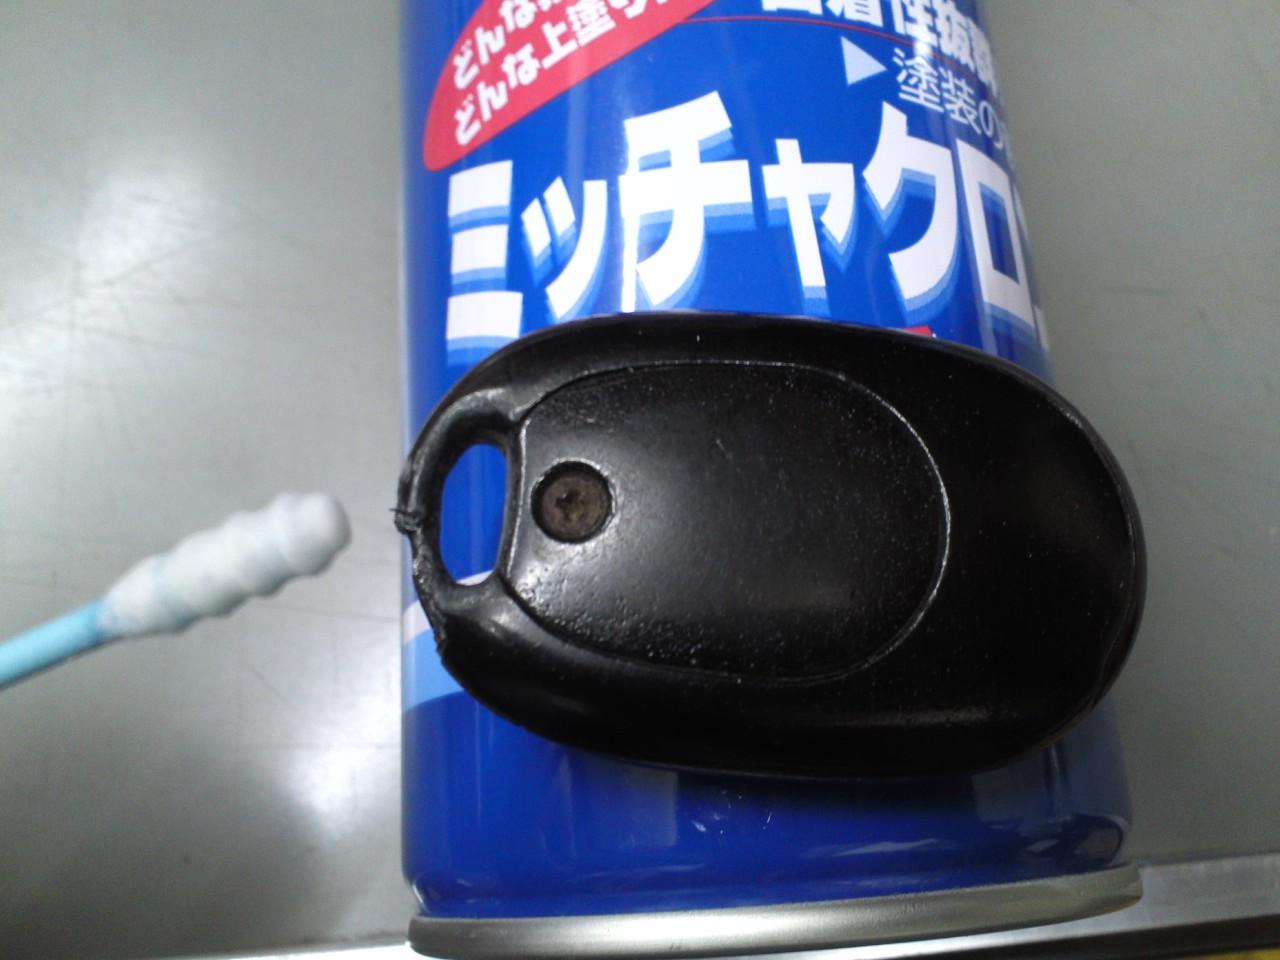 『旧車変隊ナオスンジャー』ぢゃば(^o^)/などと言いつつ...